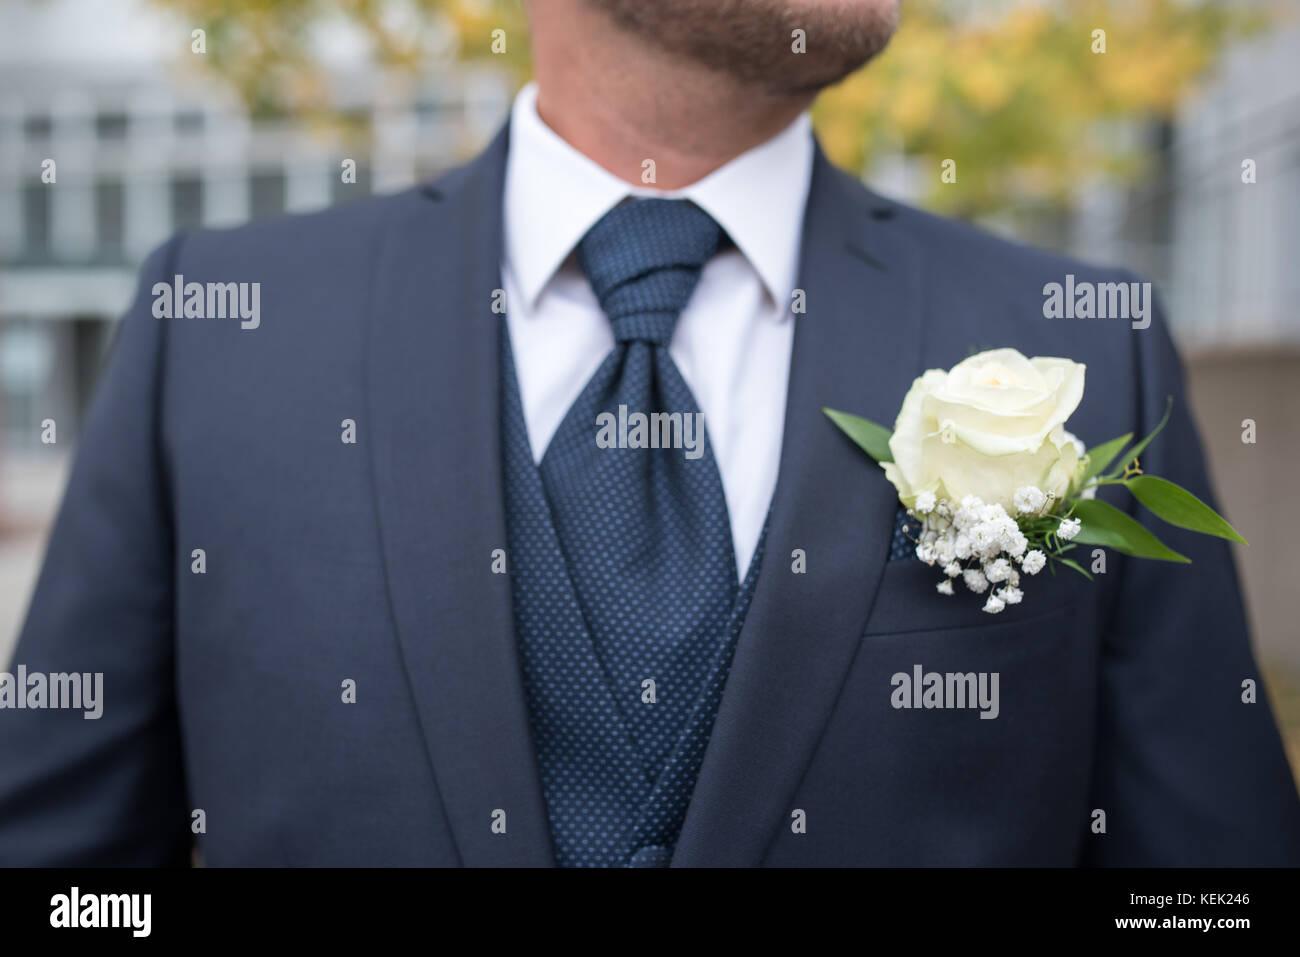 symbolisch symbolbild br utigam novio blauer anzug blaue krawatte wei es hemd blaue weste. Black Bedroom Furniture Sets. Home Design Ideas